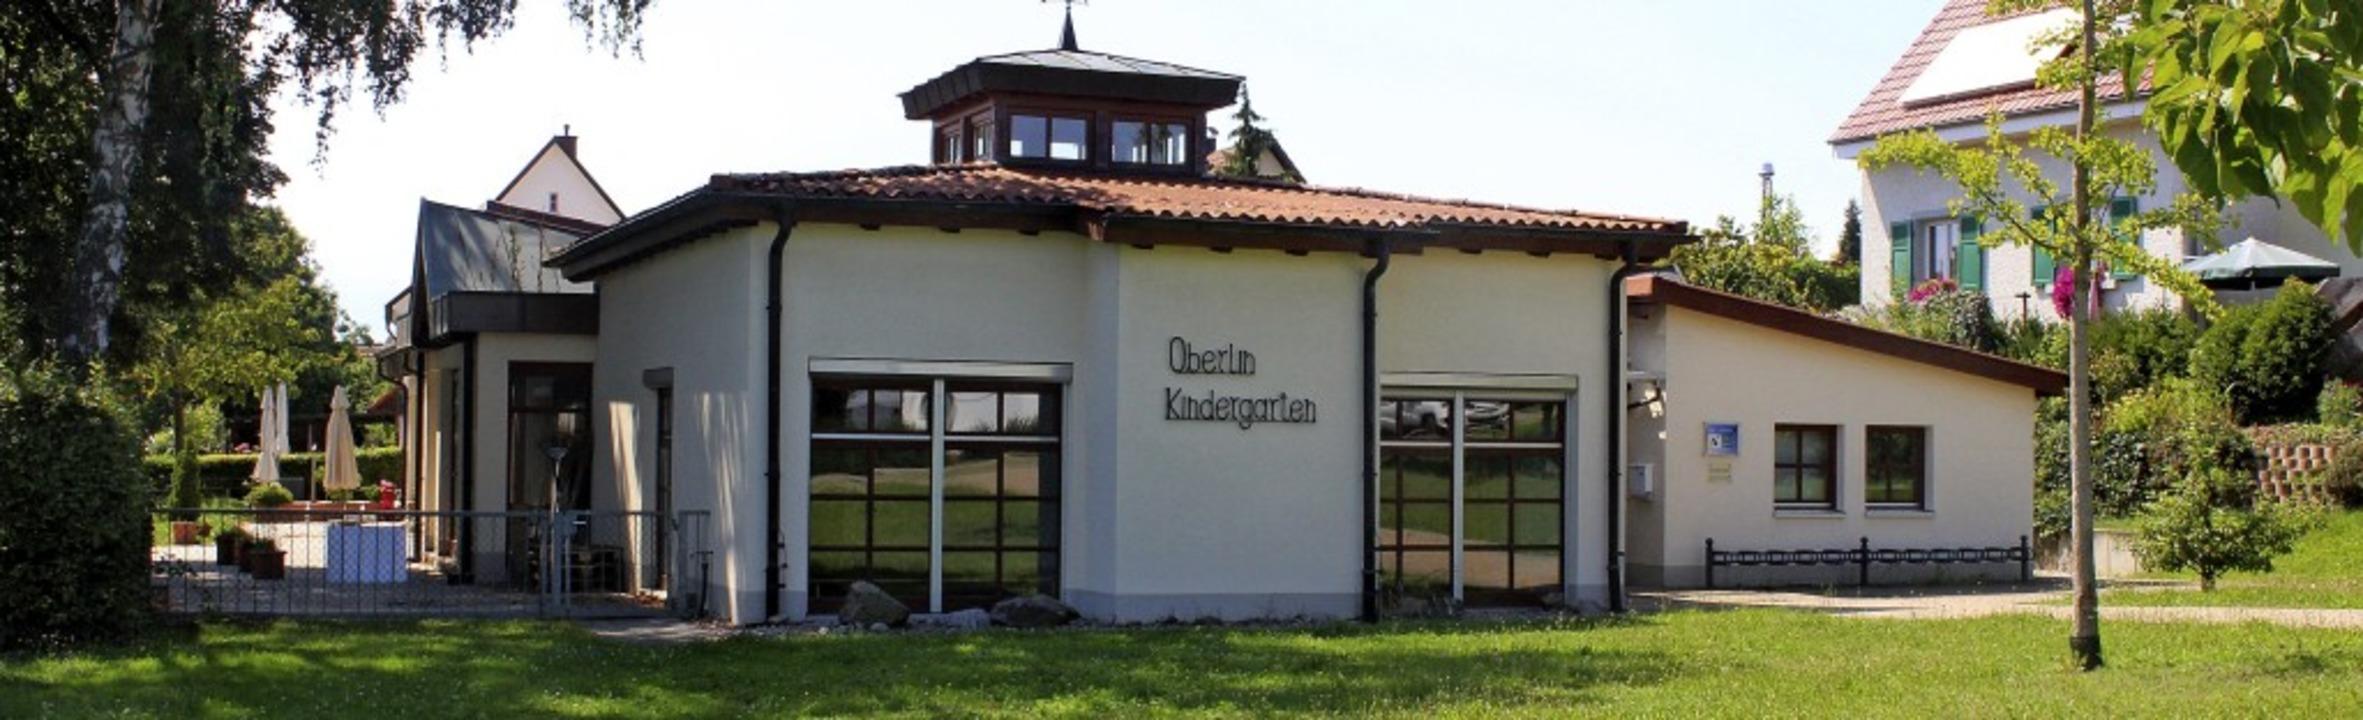 Auch der Oberlin-Kindergarten heißt ba...em Gebäude aber keine Kinder betreut.   | Foto: Reinhard Cremer